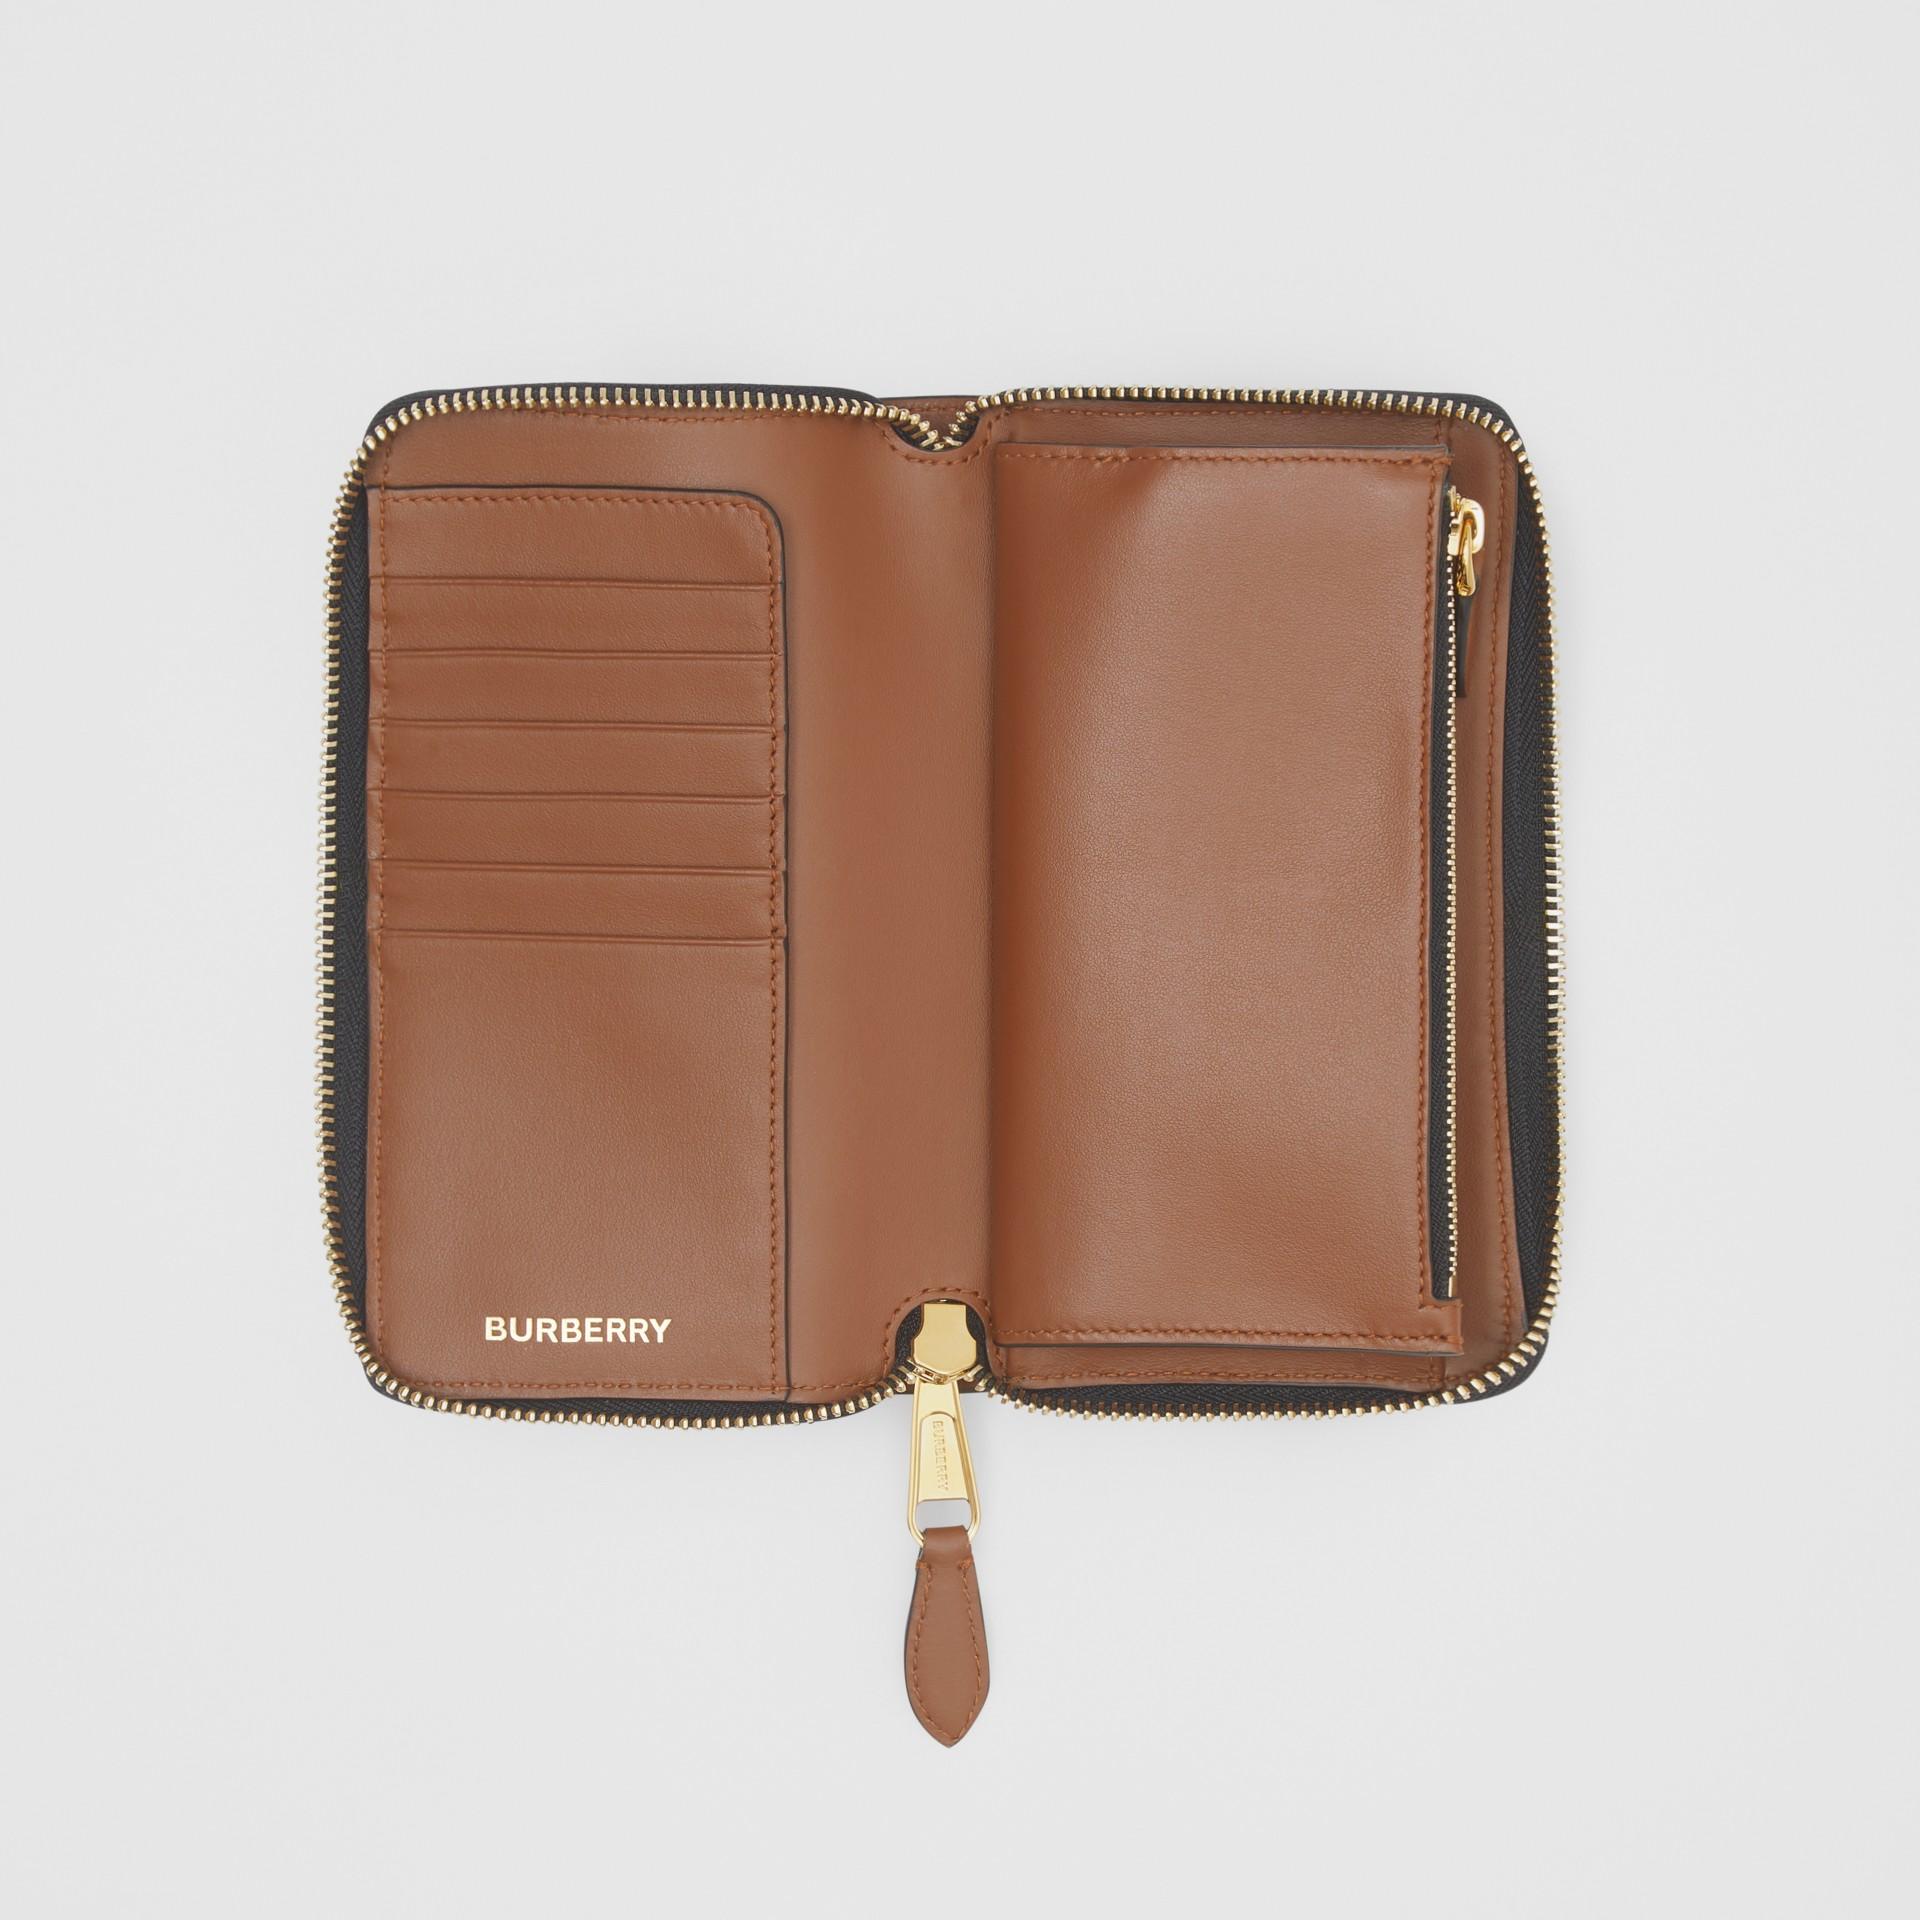 모노그램 프린트 E-캔버스 휴대폰 지갑 (브라이들 브라운) - 남성 | Burberry - 갤러리 이미지 2